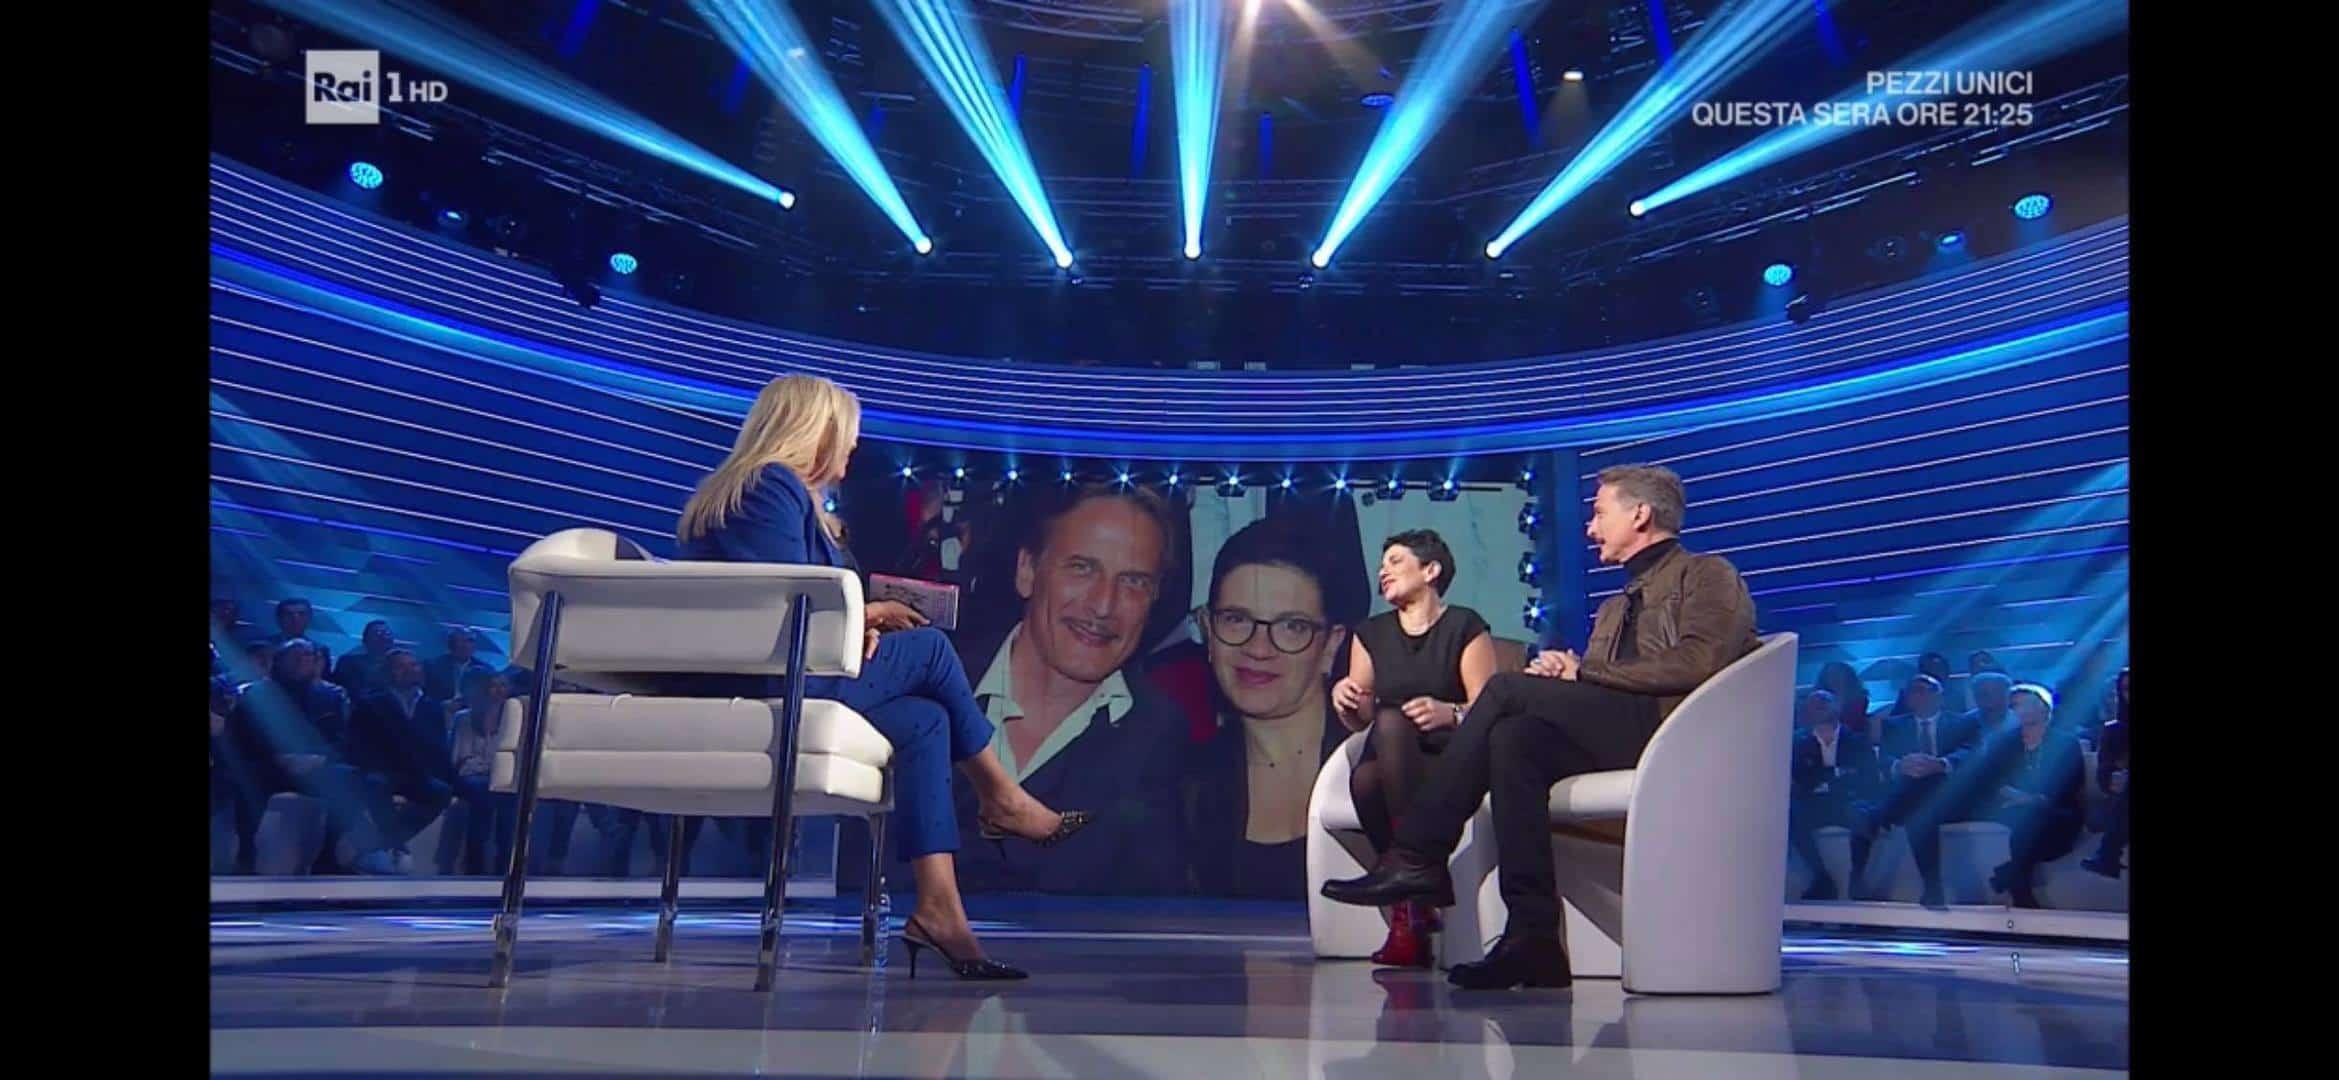 Cesare Bocci e Daniela a Domenica IN: un messaggio d'amore che vince su tutto